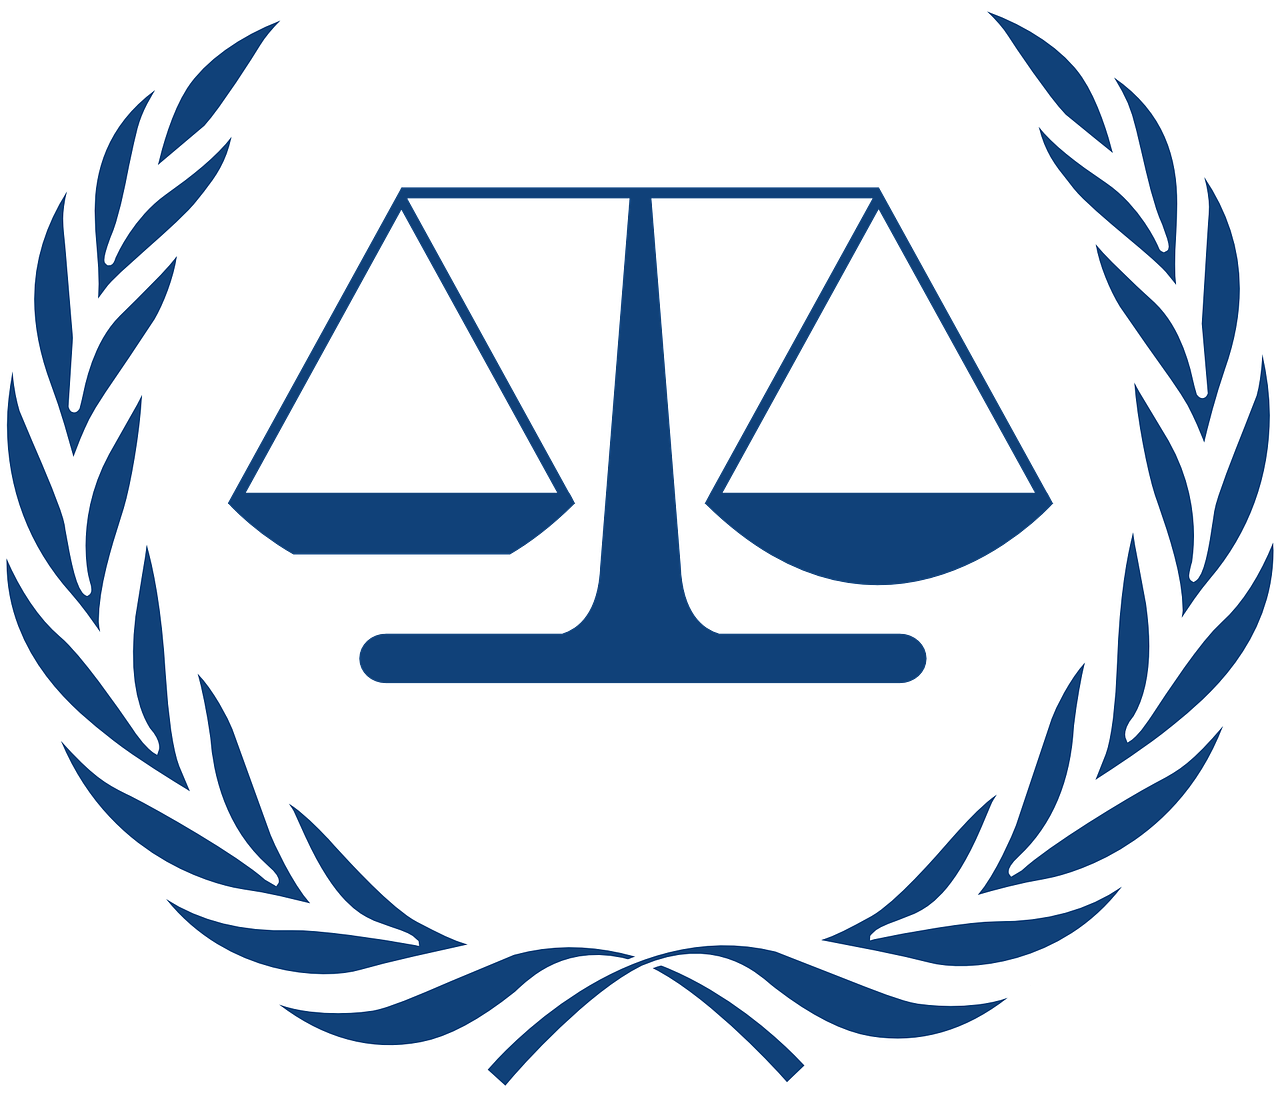 Kancelarie prawne w dużych miastach. Adwokaci, kancelaria adwokacka Łódź